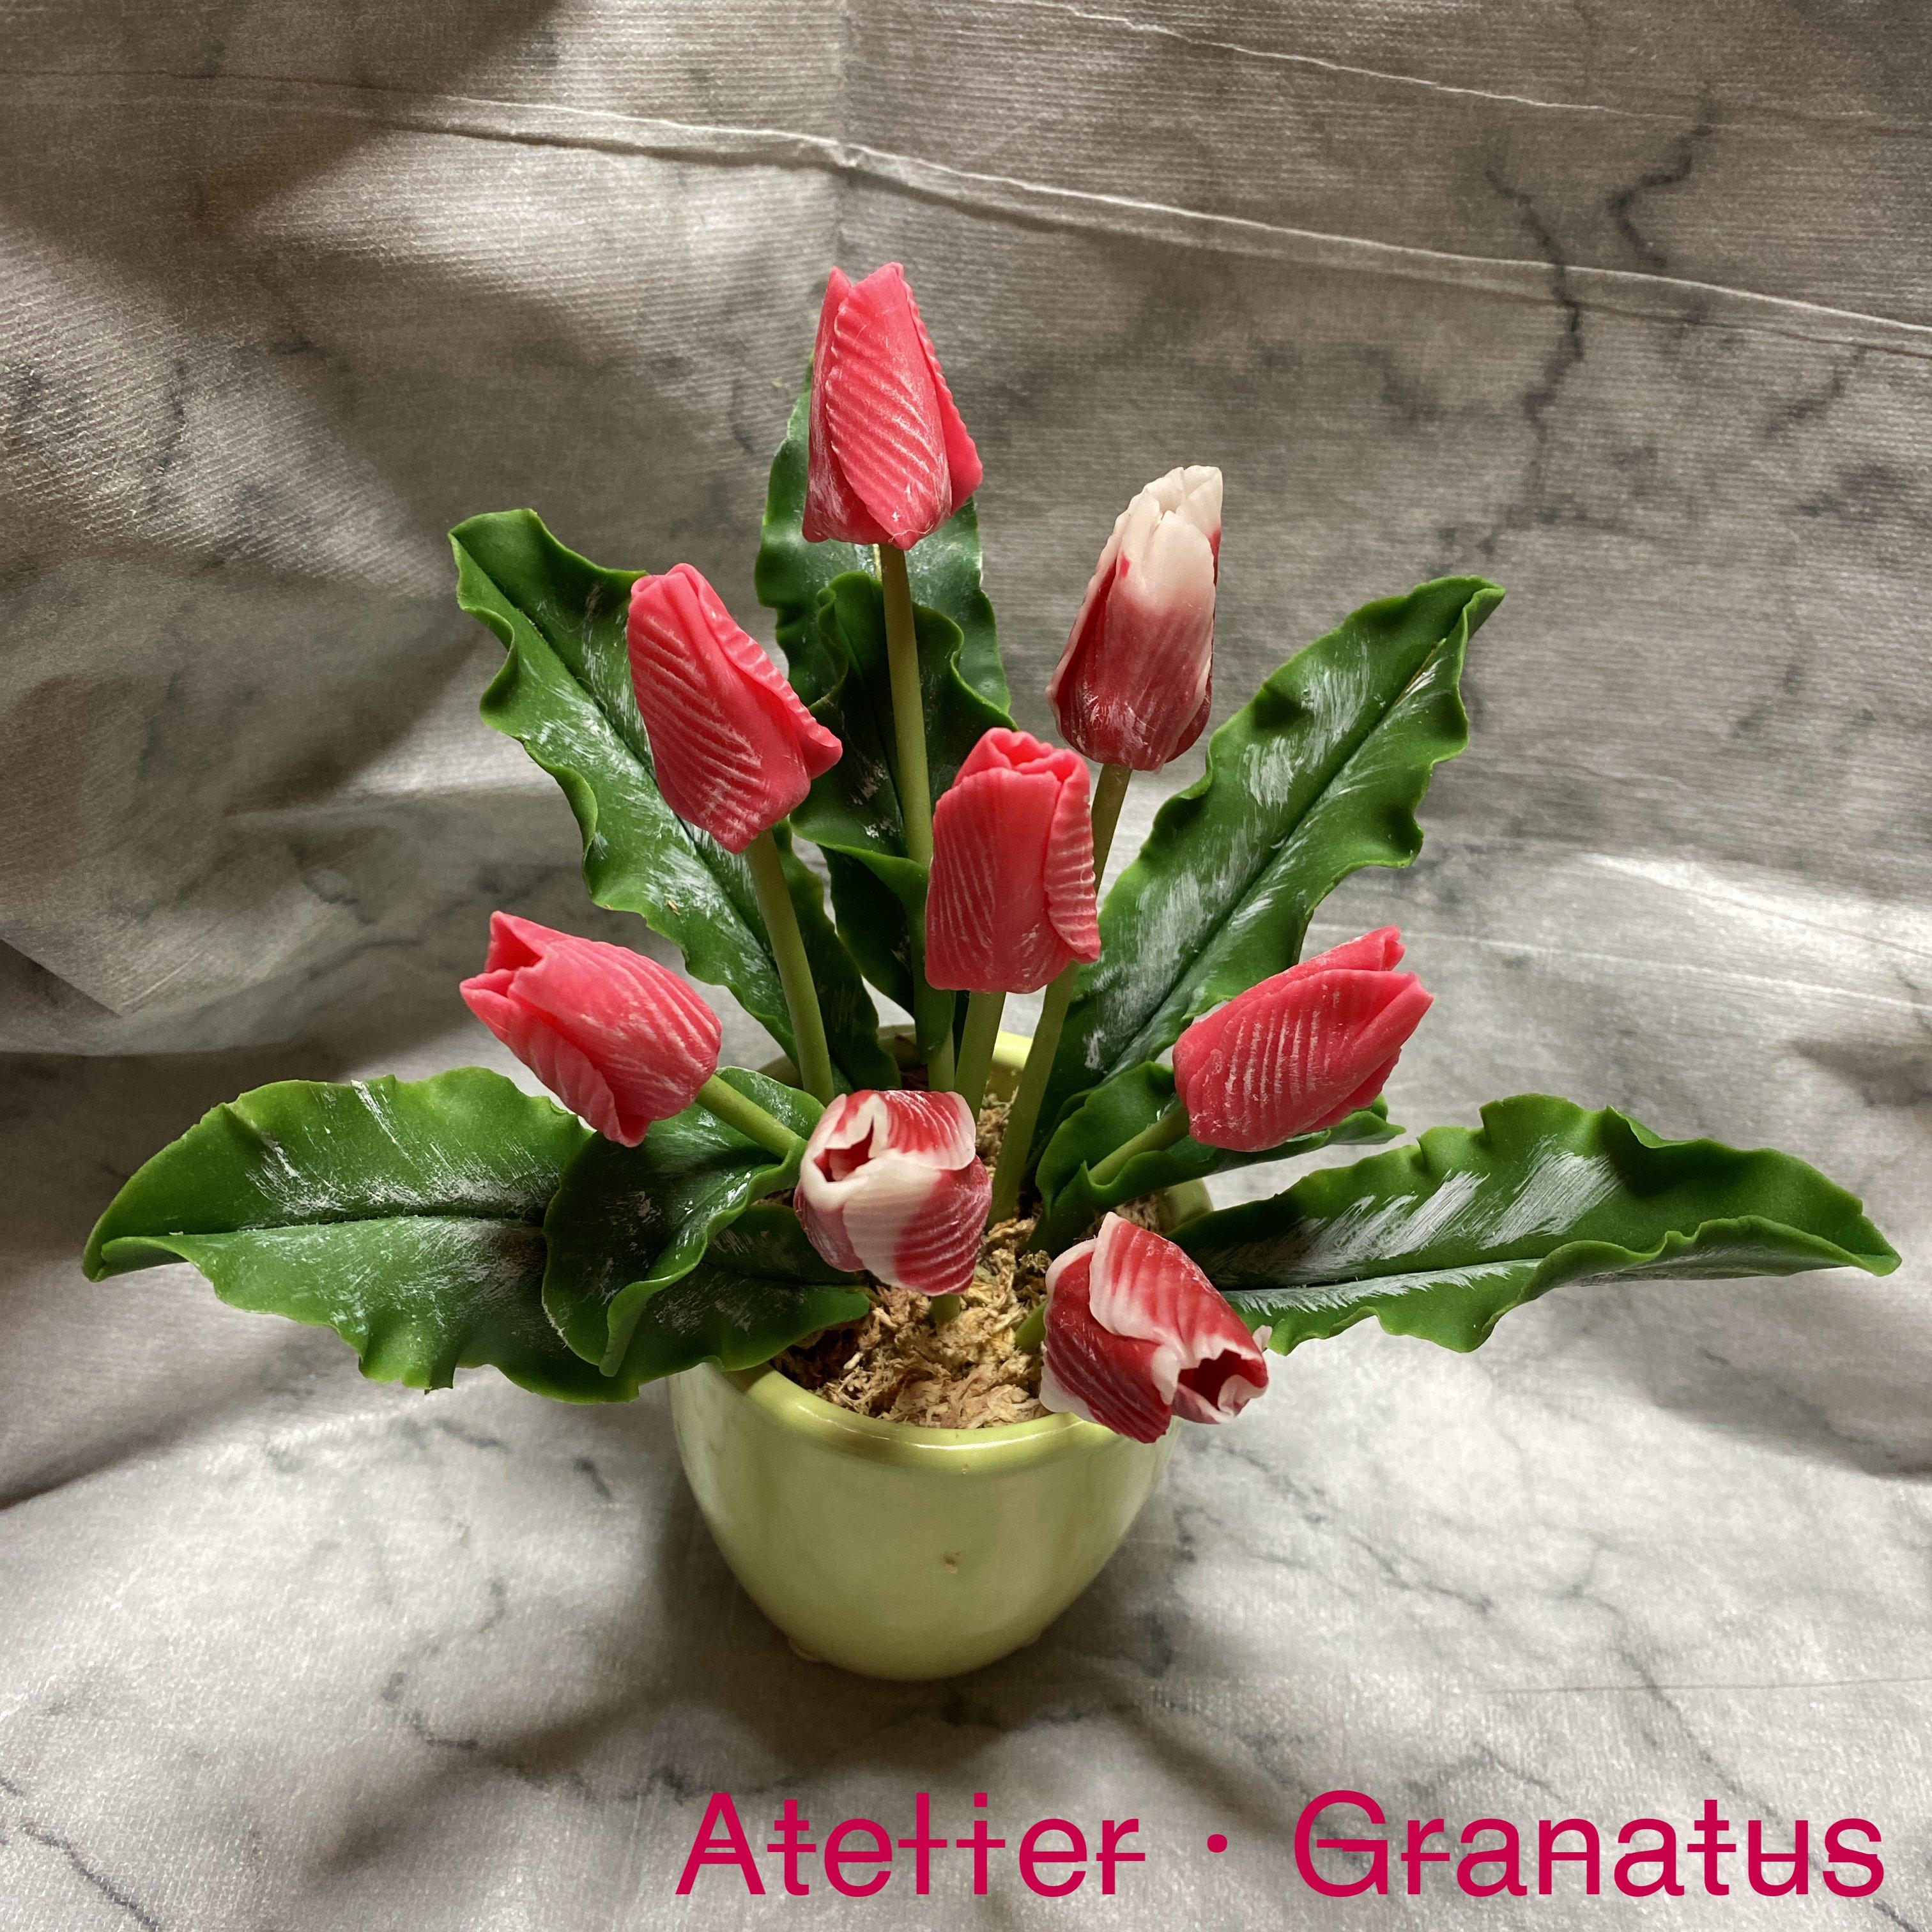 ハンドメイド/クレイフラワー(粘土で作ったお花)/チューリップ